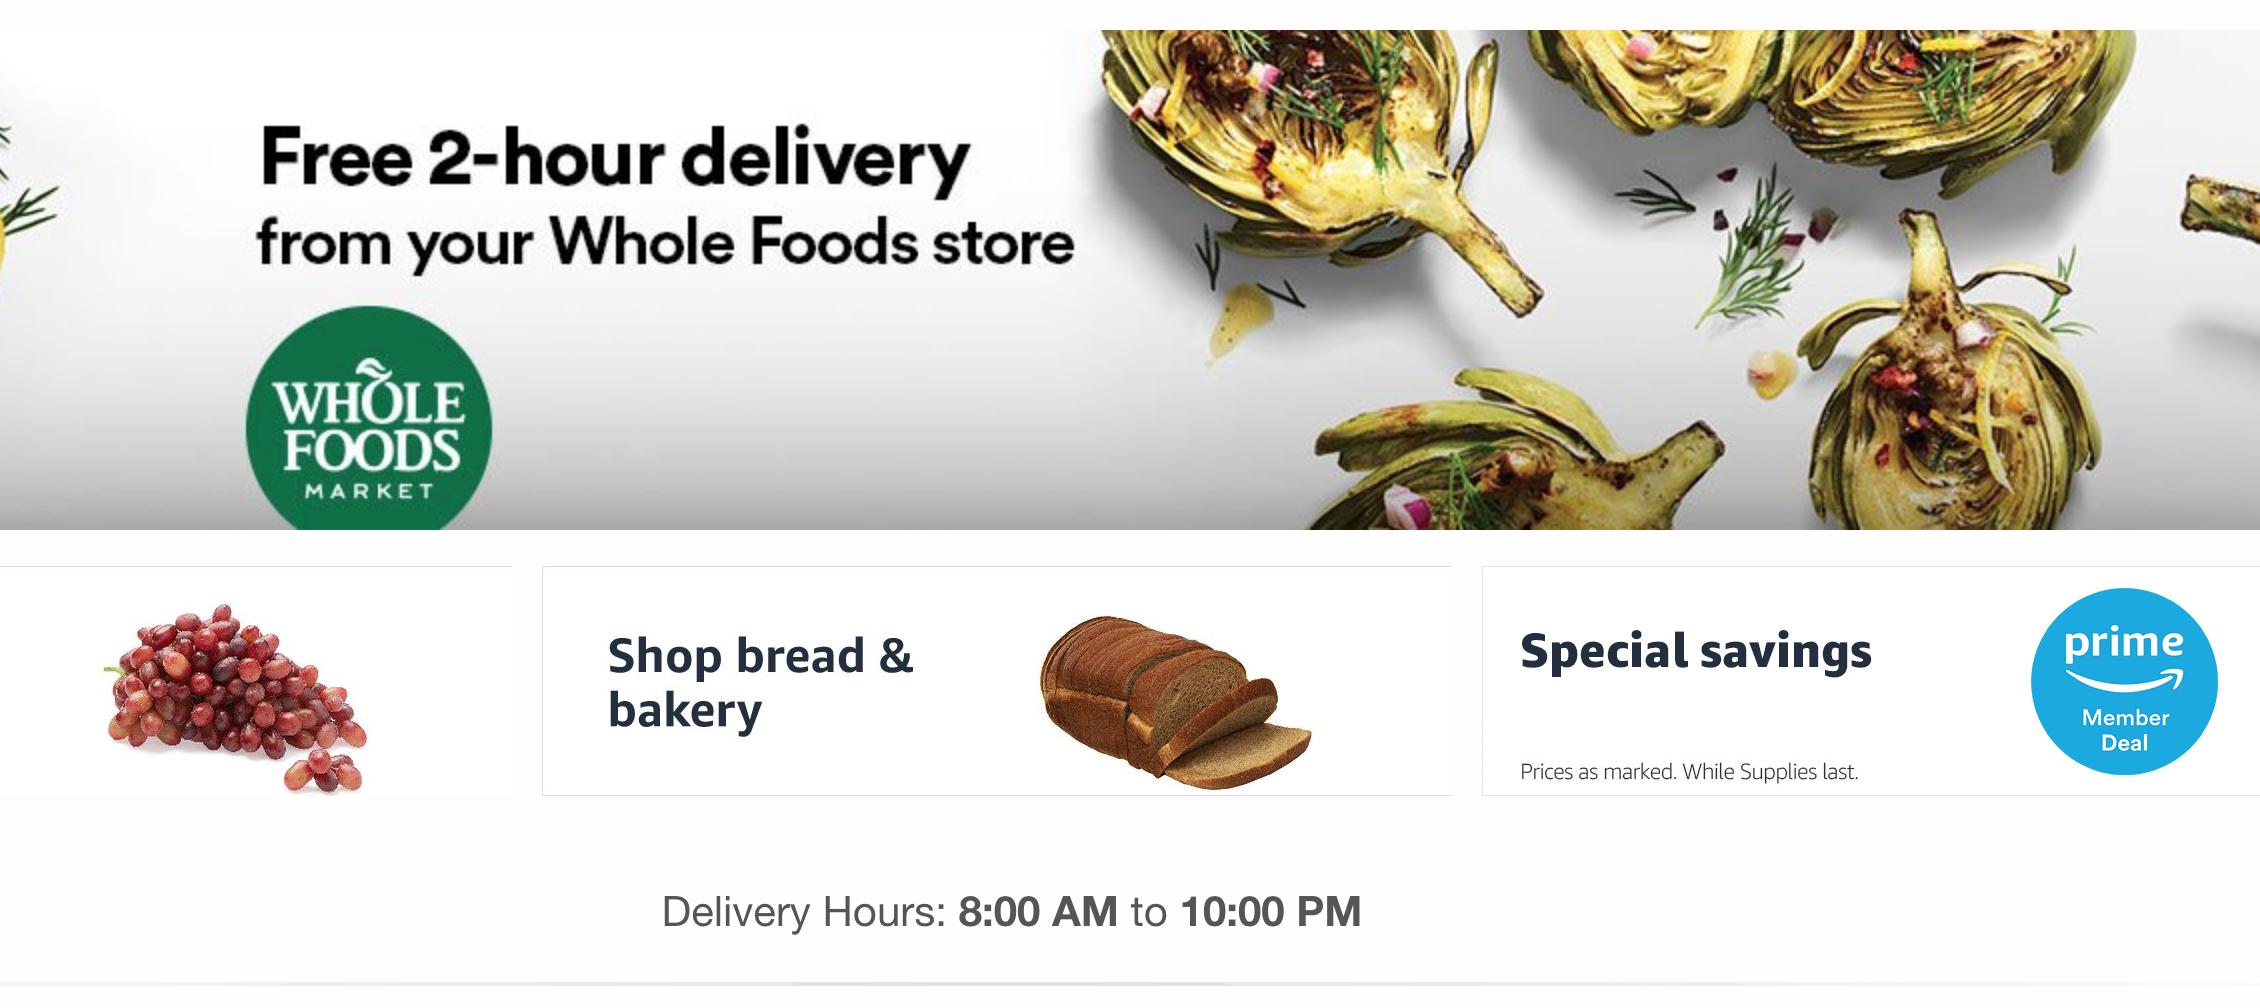 亞馬遜自收購全食超市以來,主打2小時新鮮食材送貨上門。(亞馬遜官網圖片)